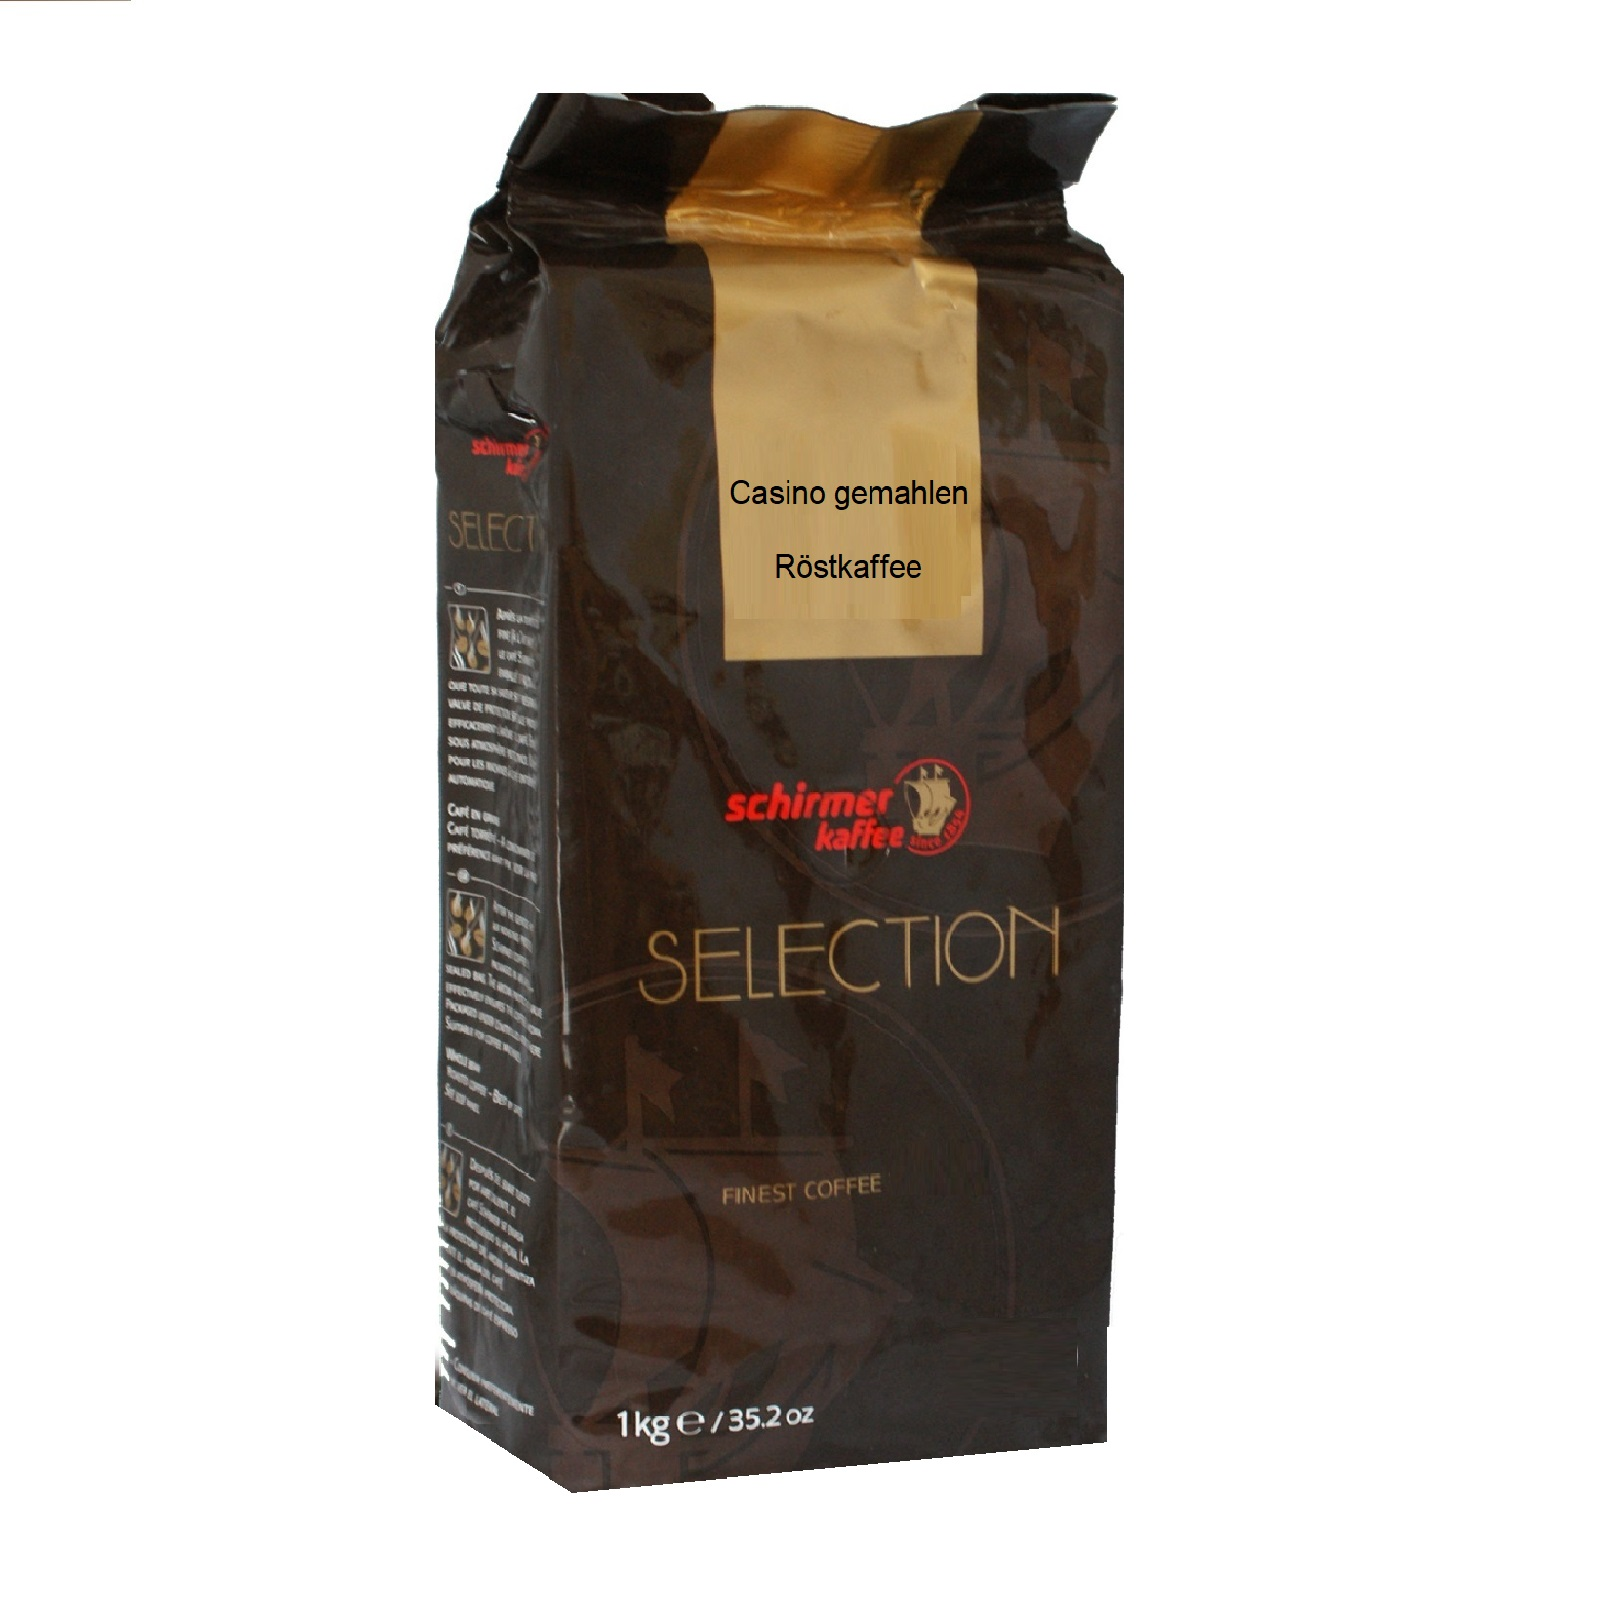 Schirmer Selection Casino 1Kg Kaffee gemahlen